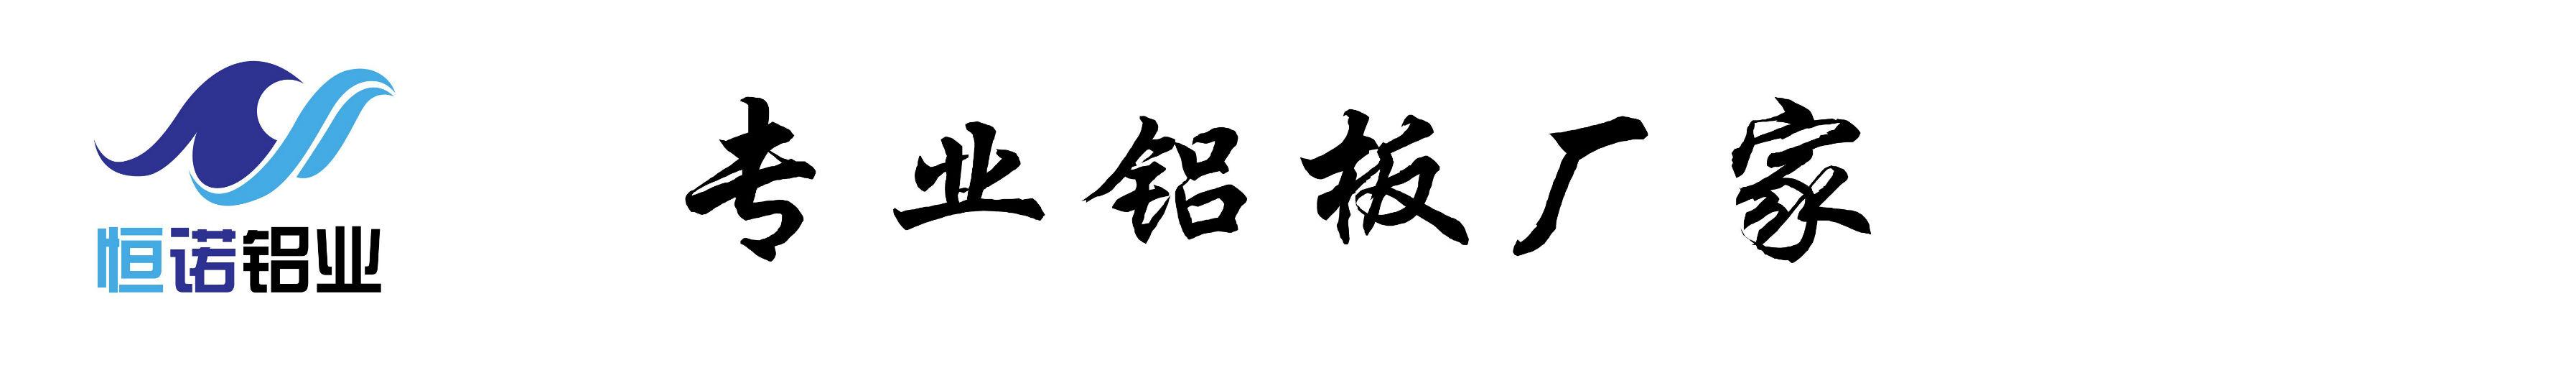 深圳市恒诺铝业股份有限公司